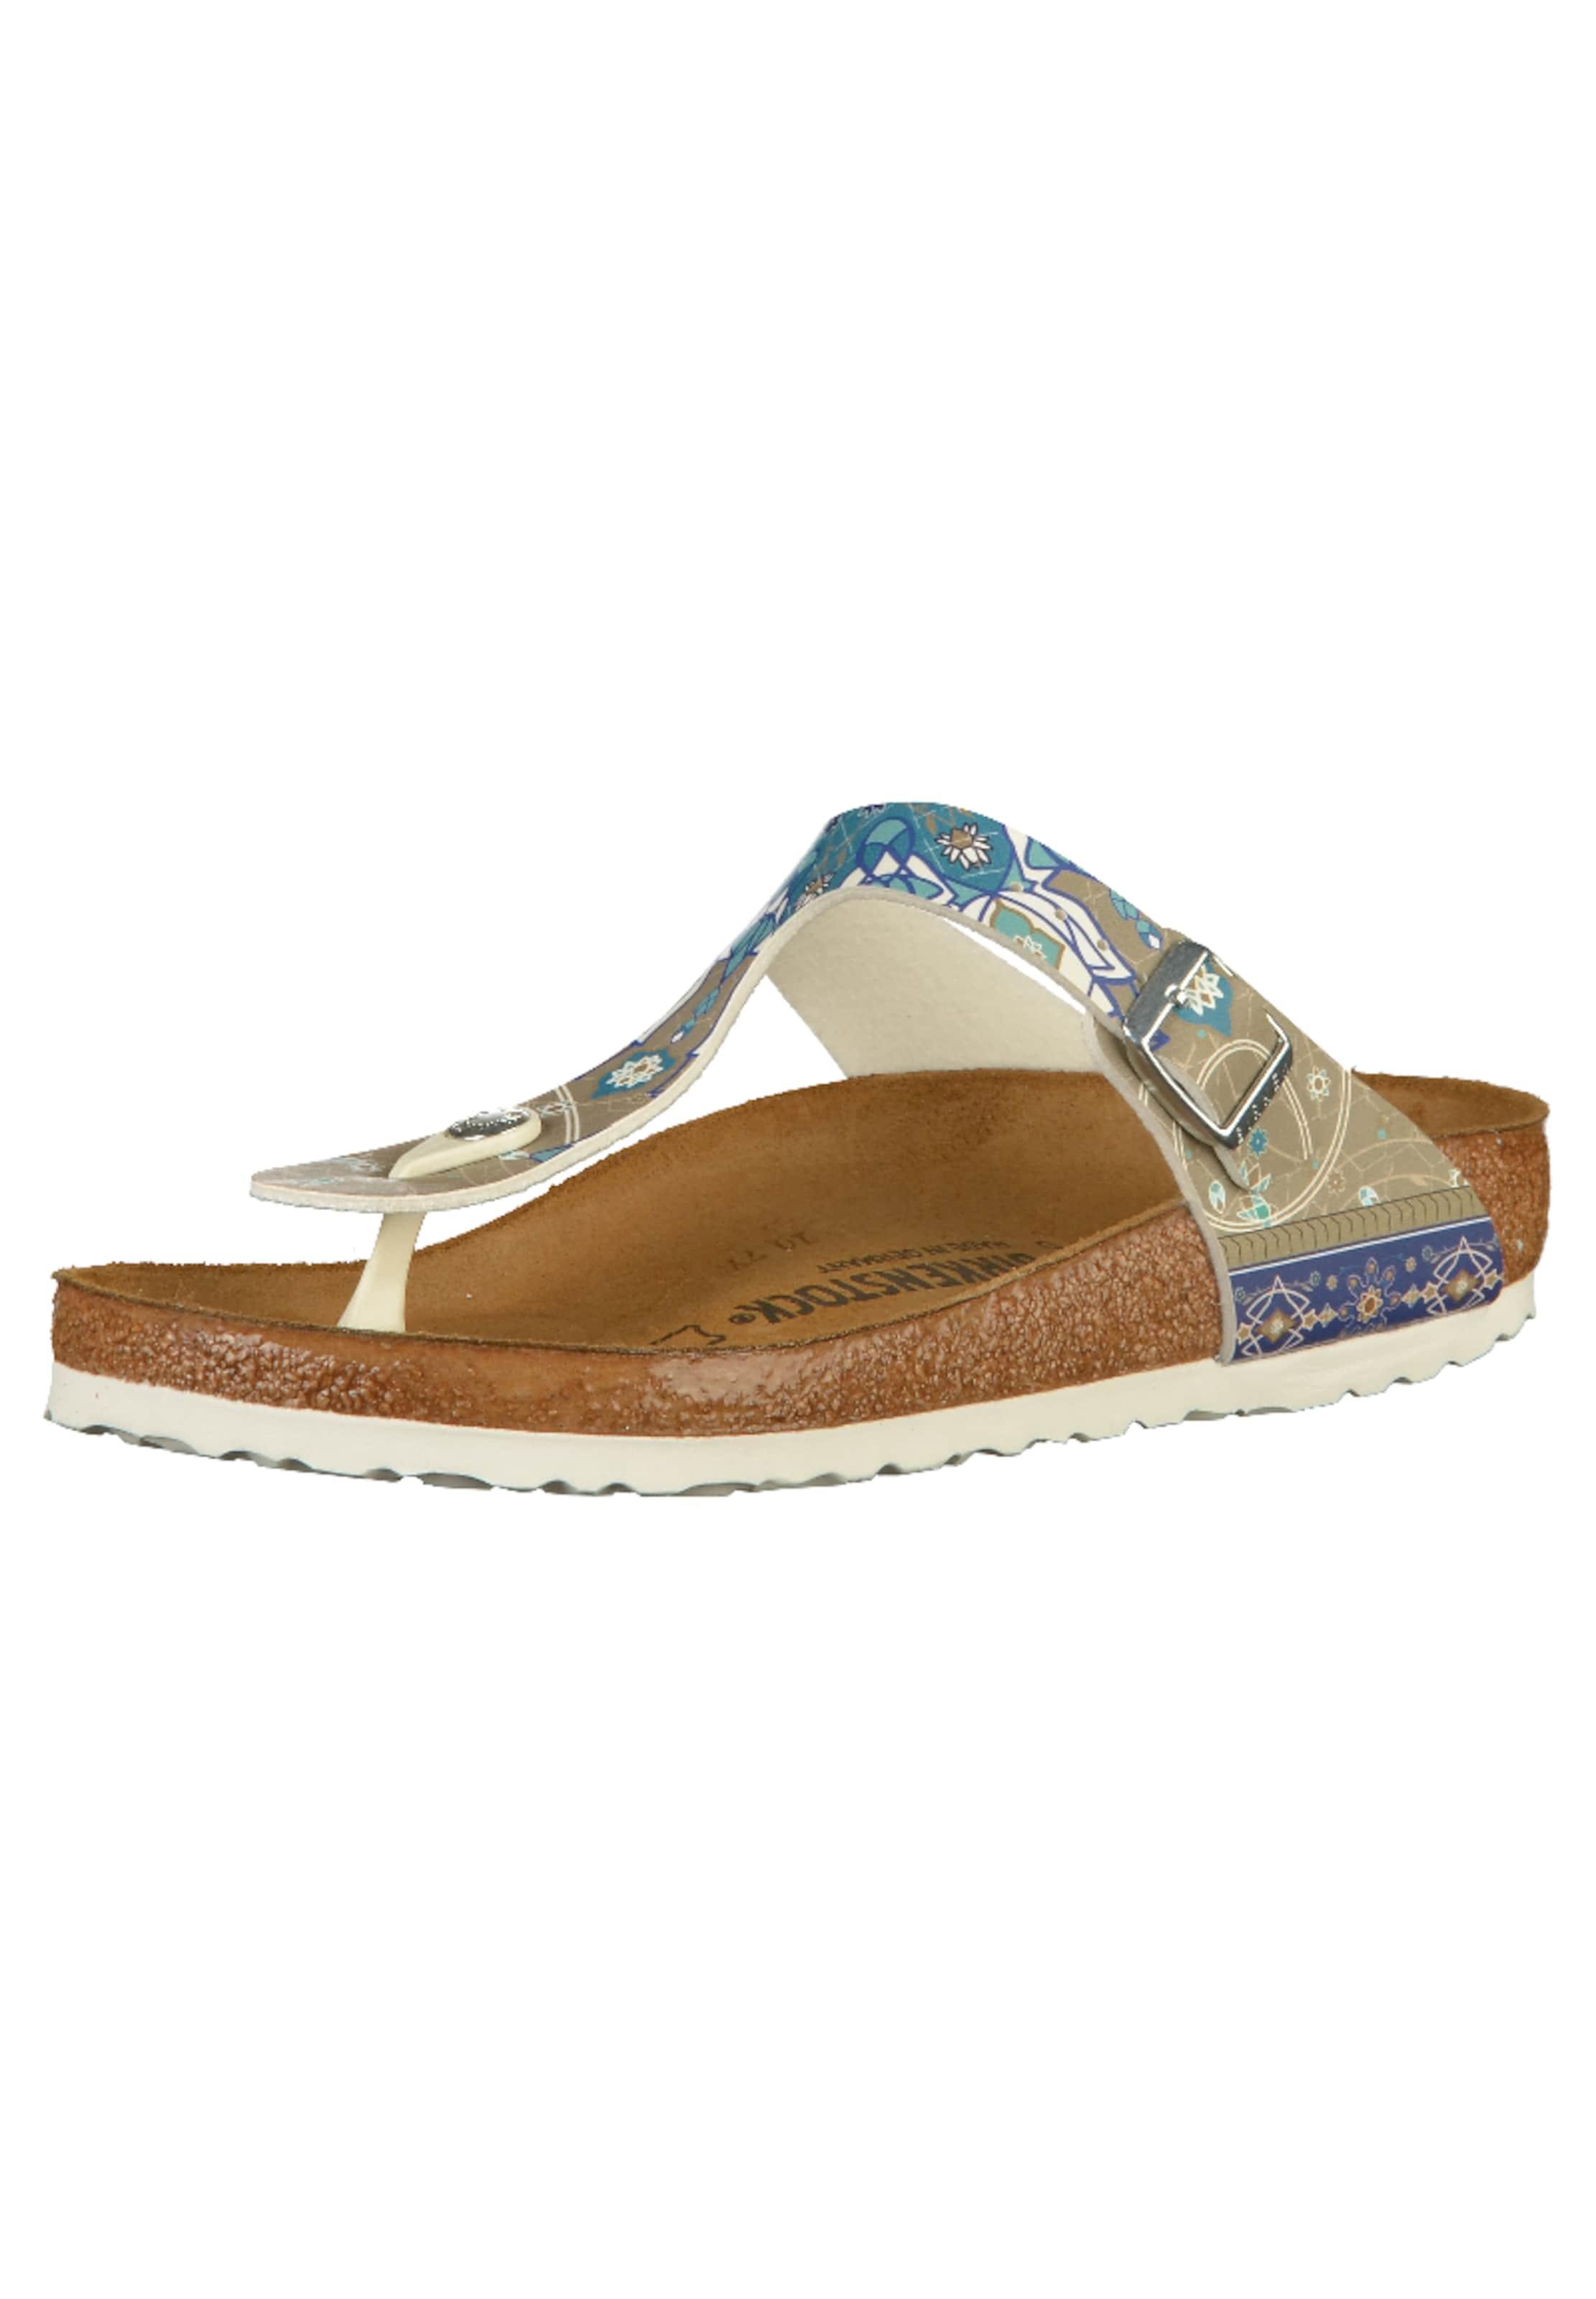 BIRKENSTOCK Zehensteg Gizeh Günstige und langlebige Schuhe